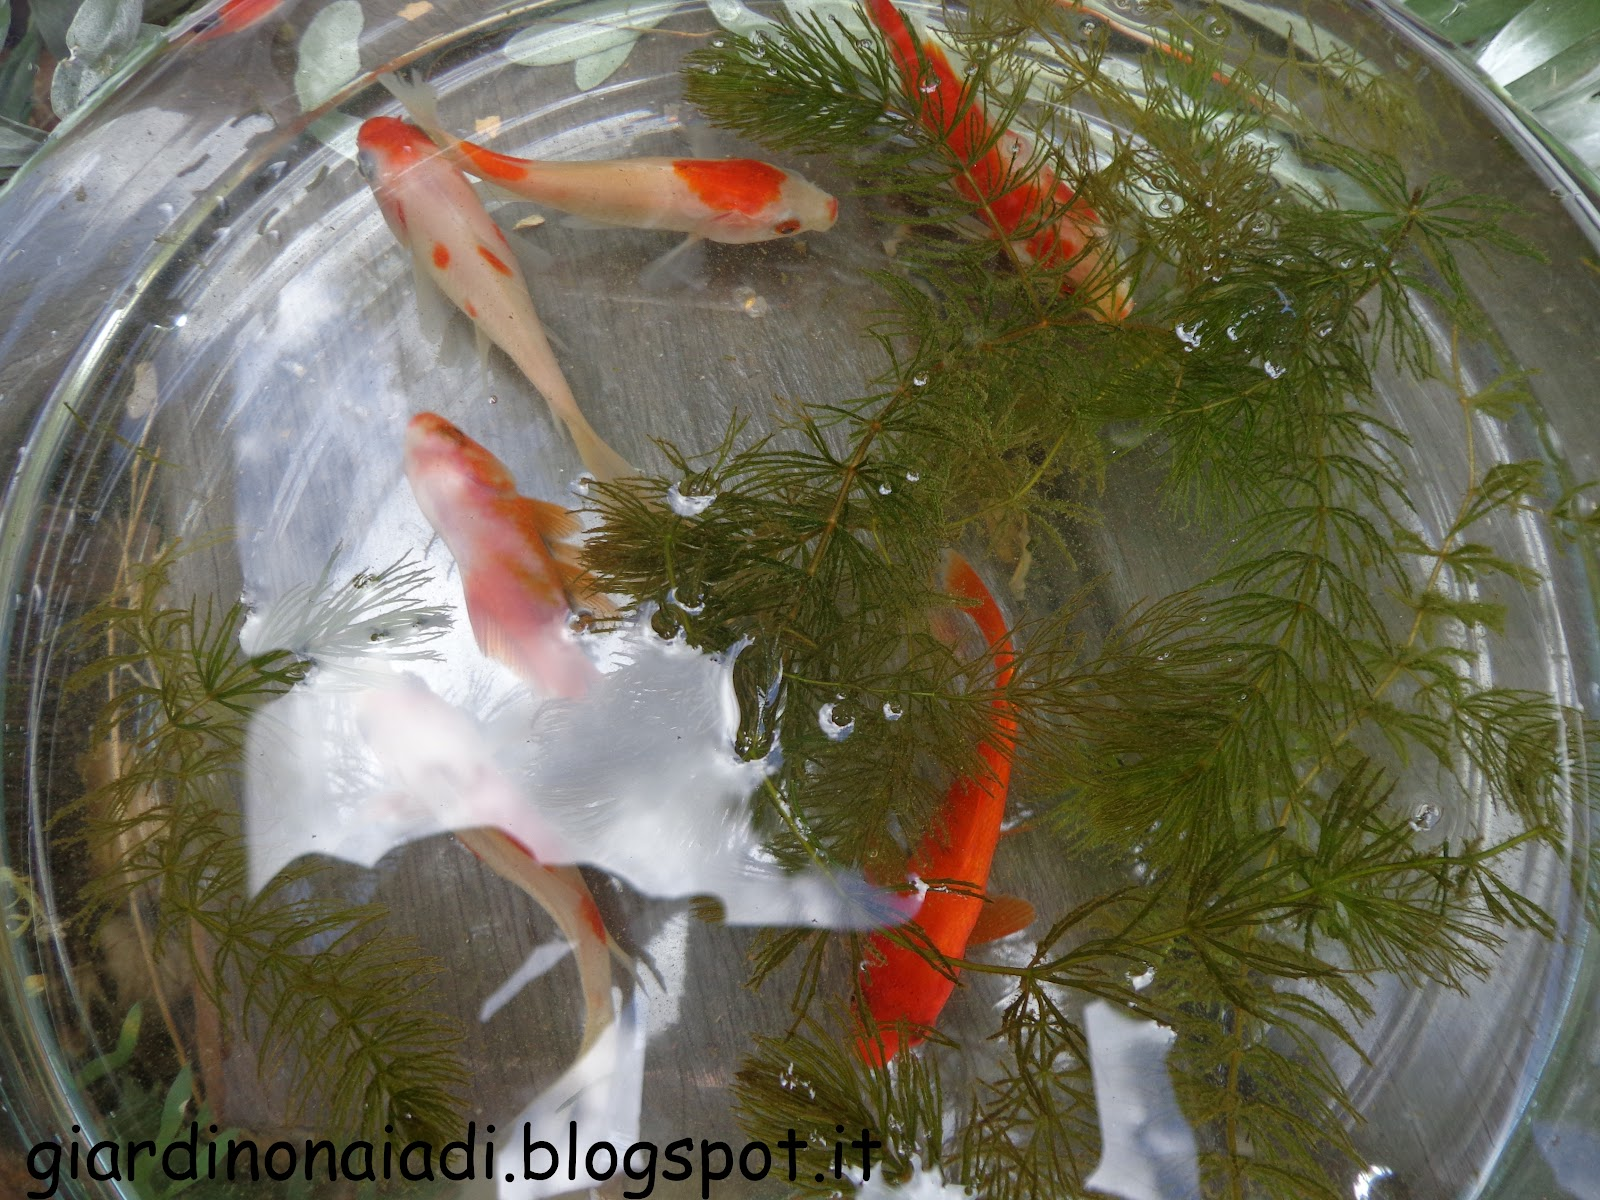 Il giardino delle naiadi carassius auratus pesce rosso for Pesci rossi laghetto